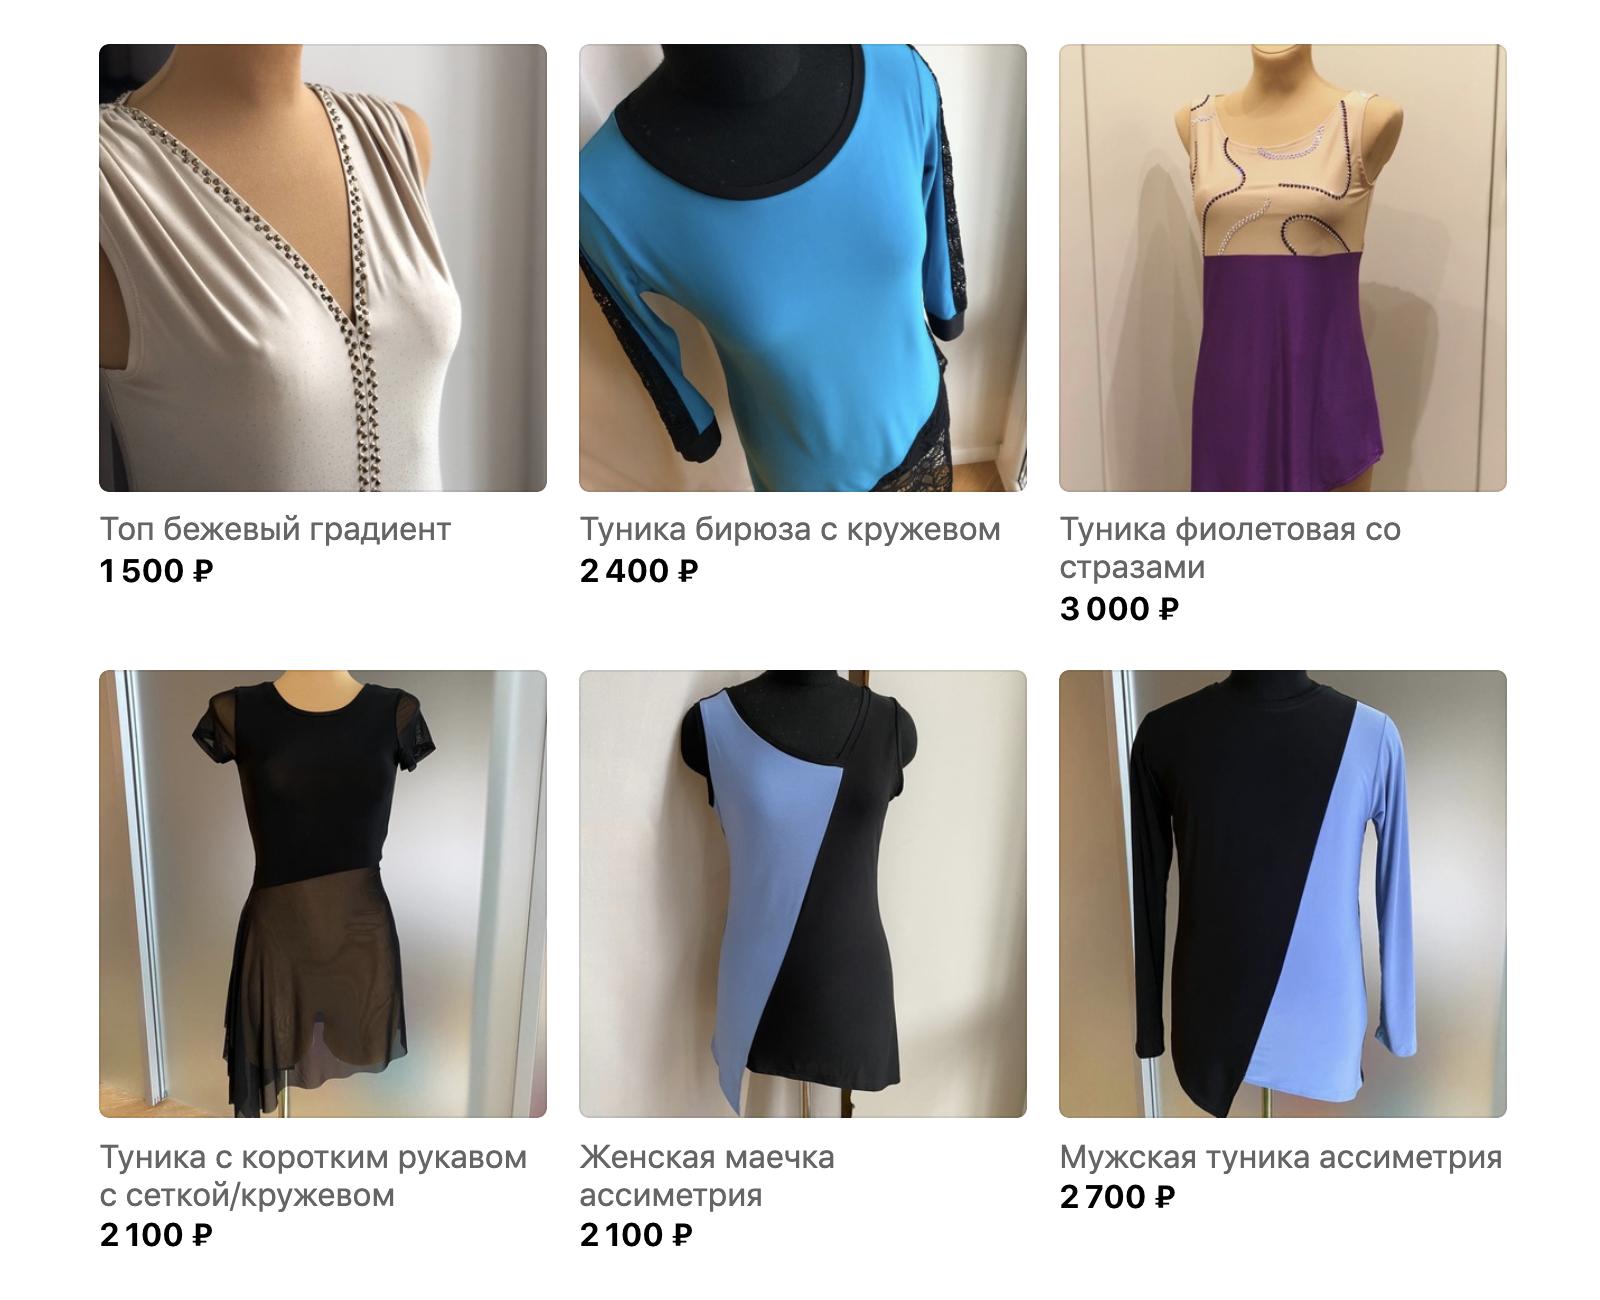 Цены на танцевальную одежду в специализированной группе во Вконтакте